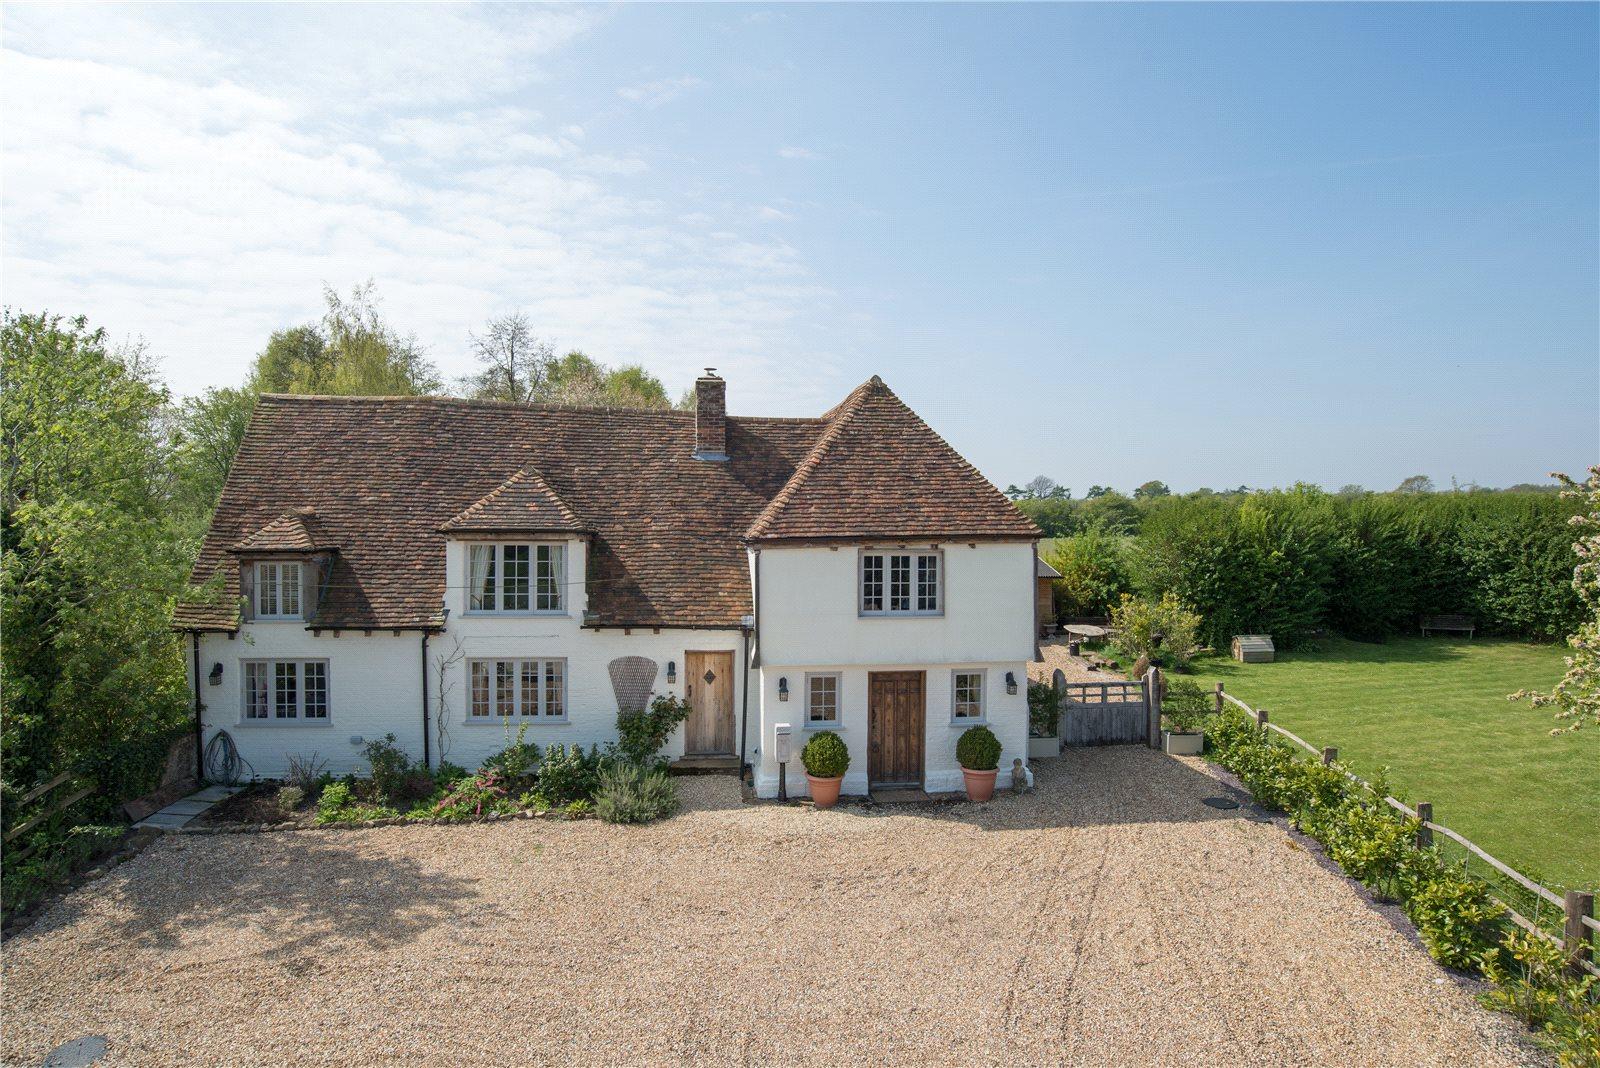 Single Family Home for Sale at Bramble Lane, Wye, Ashford, Kent, TN25 Ashford, England